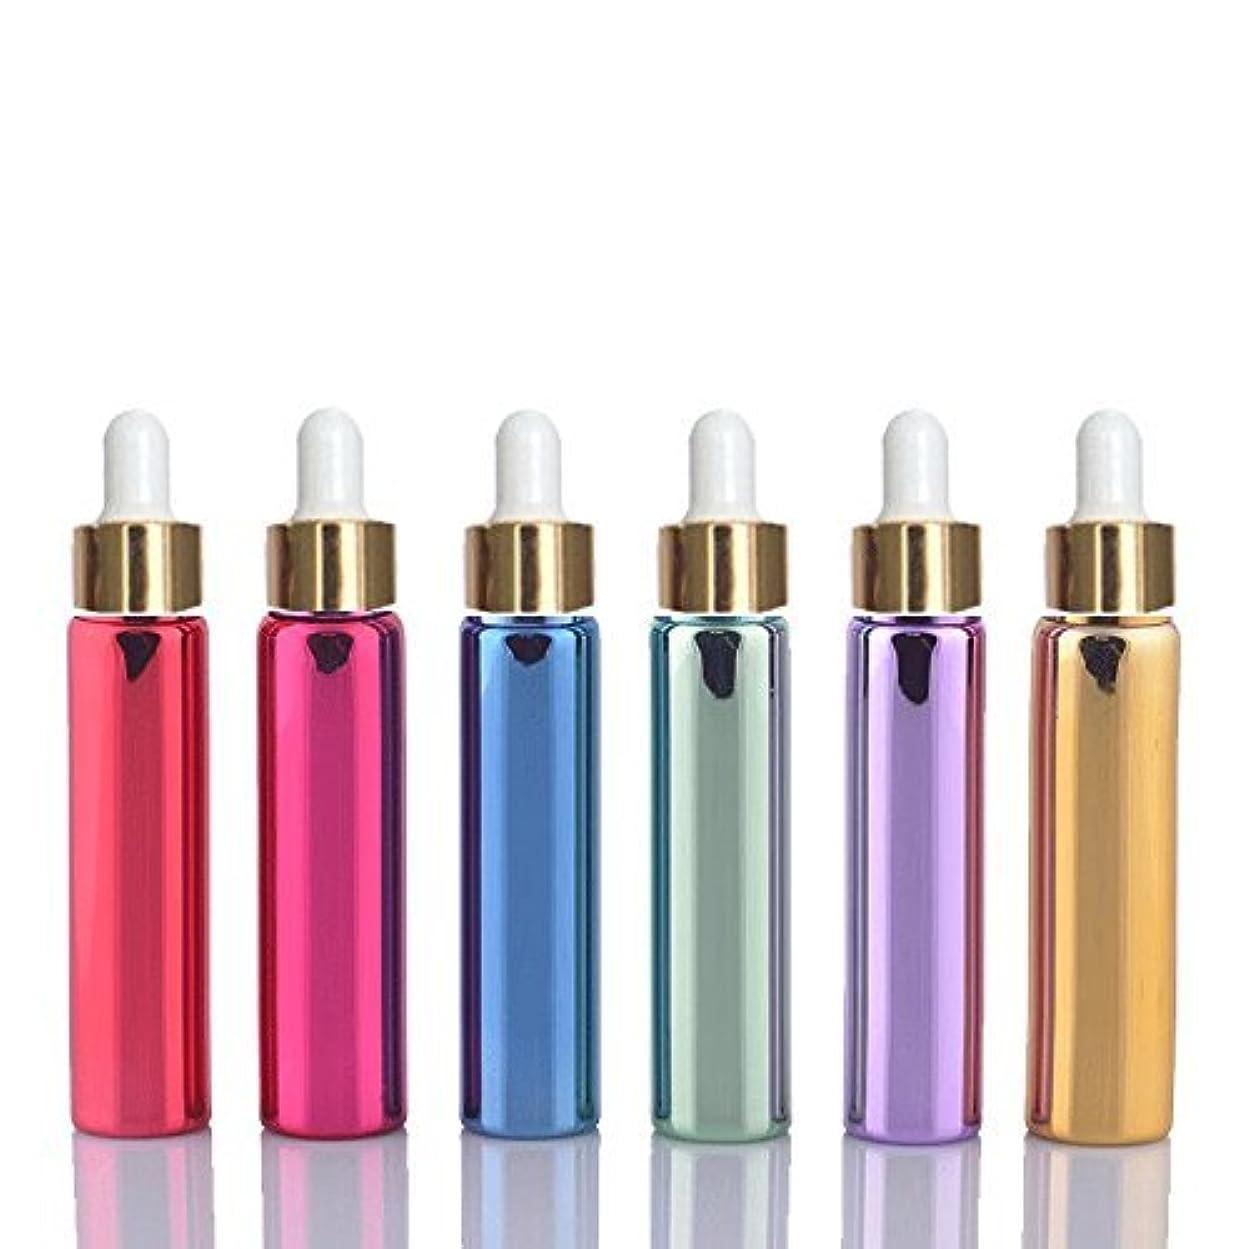 一目対応参照する6 Sets Assorted 10ml UV Coated Glass Dropper Bottles Grand Parfums Refillable Dropper Bottles with Glass Pipette...